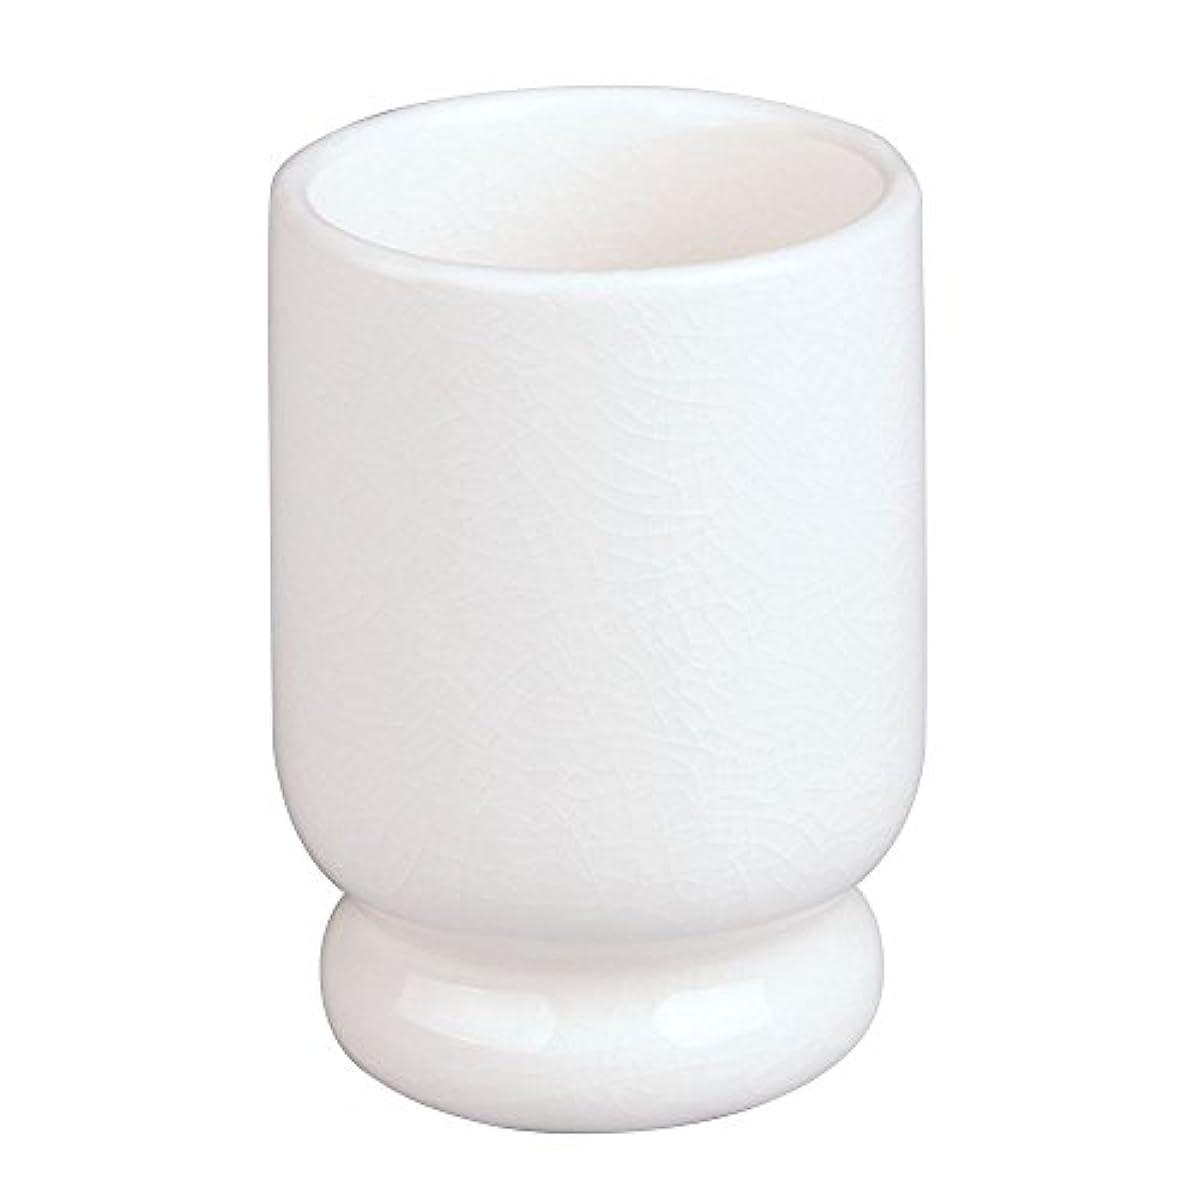 InterDesign Creme Tumbler, Crackle/Ceramic